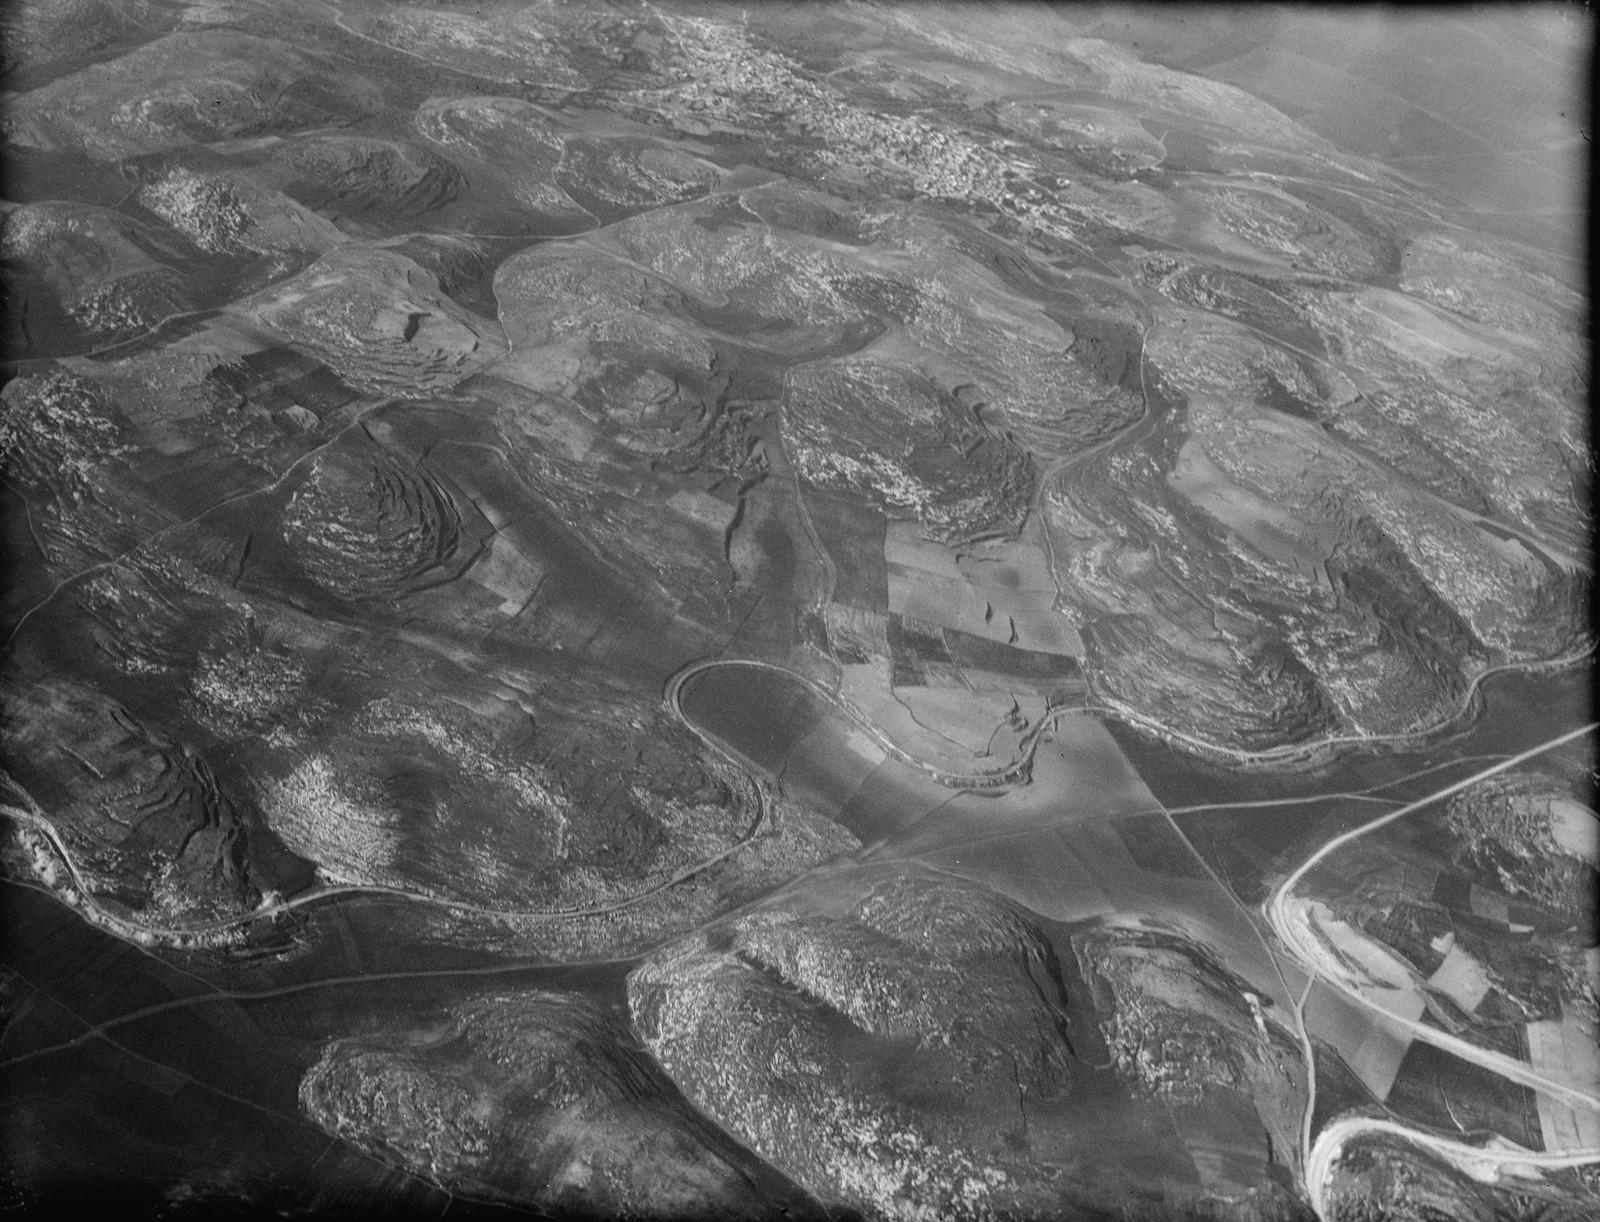 07.  Самарийские горы недалеко от долины Дотана. Видна узкоколейная железная дорога